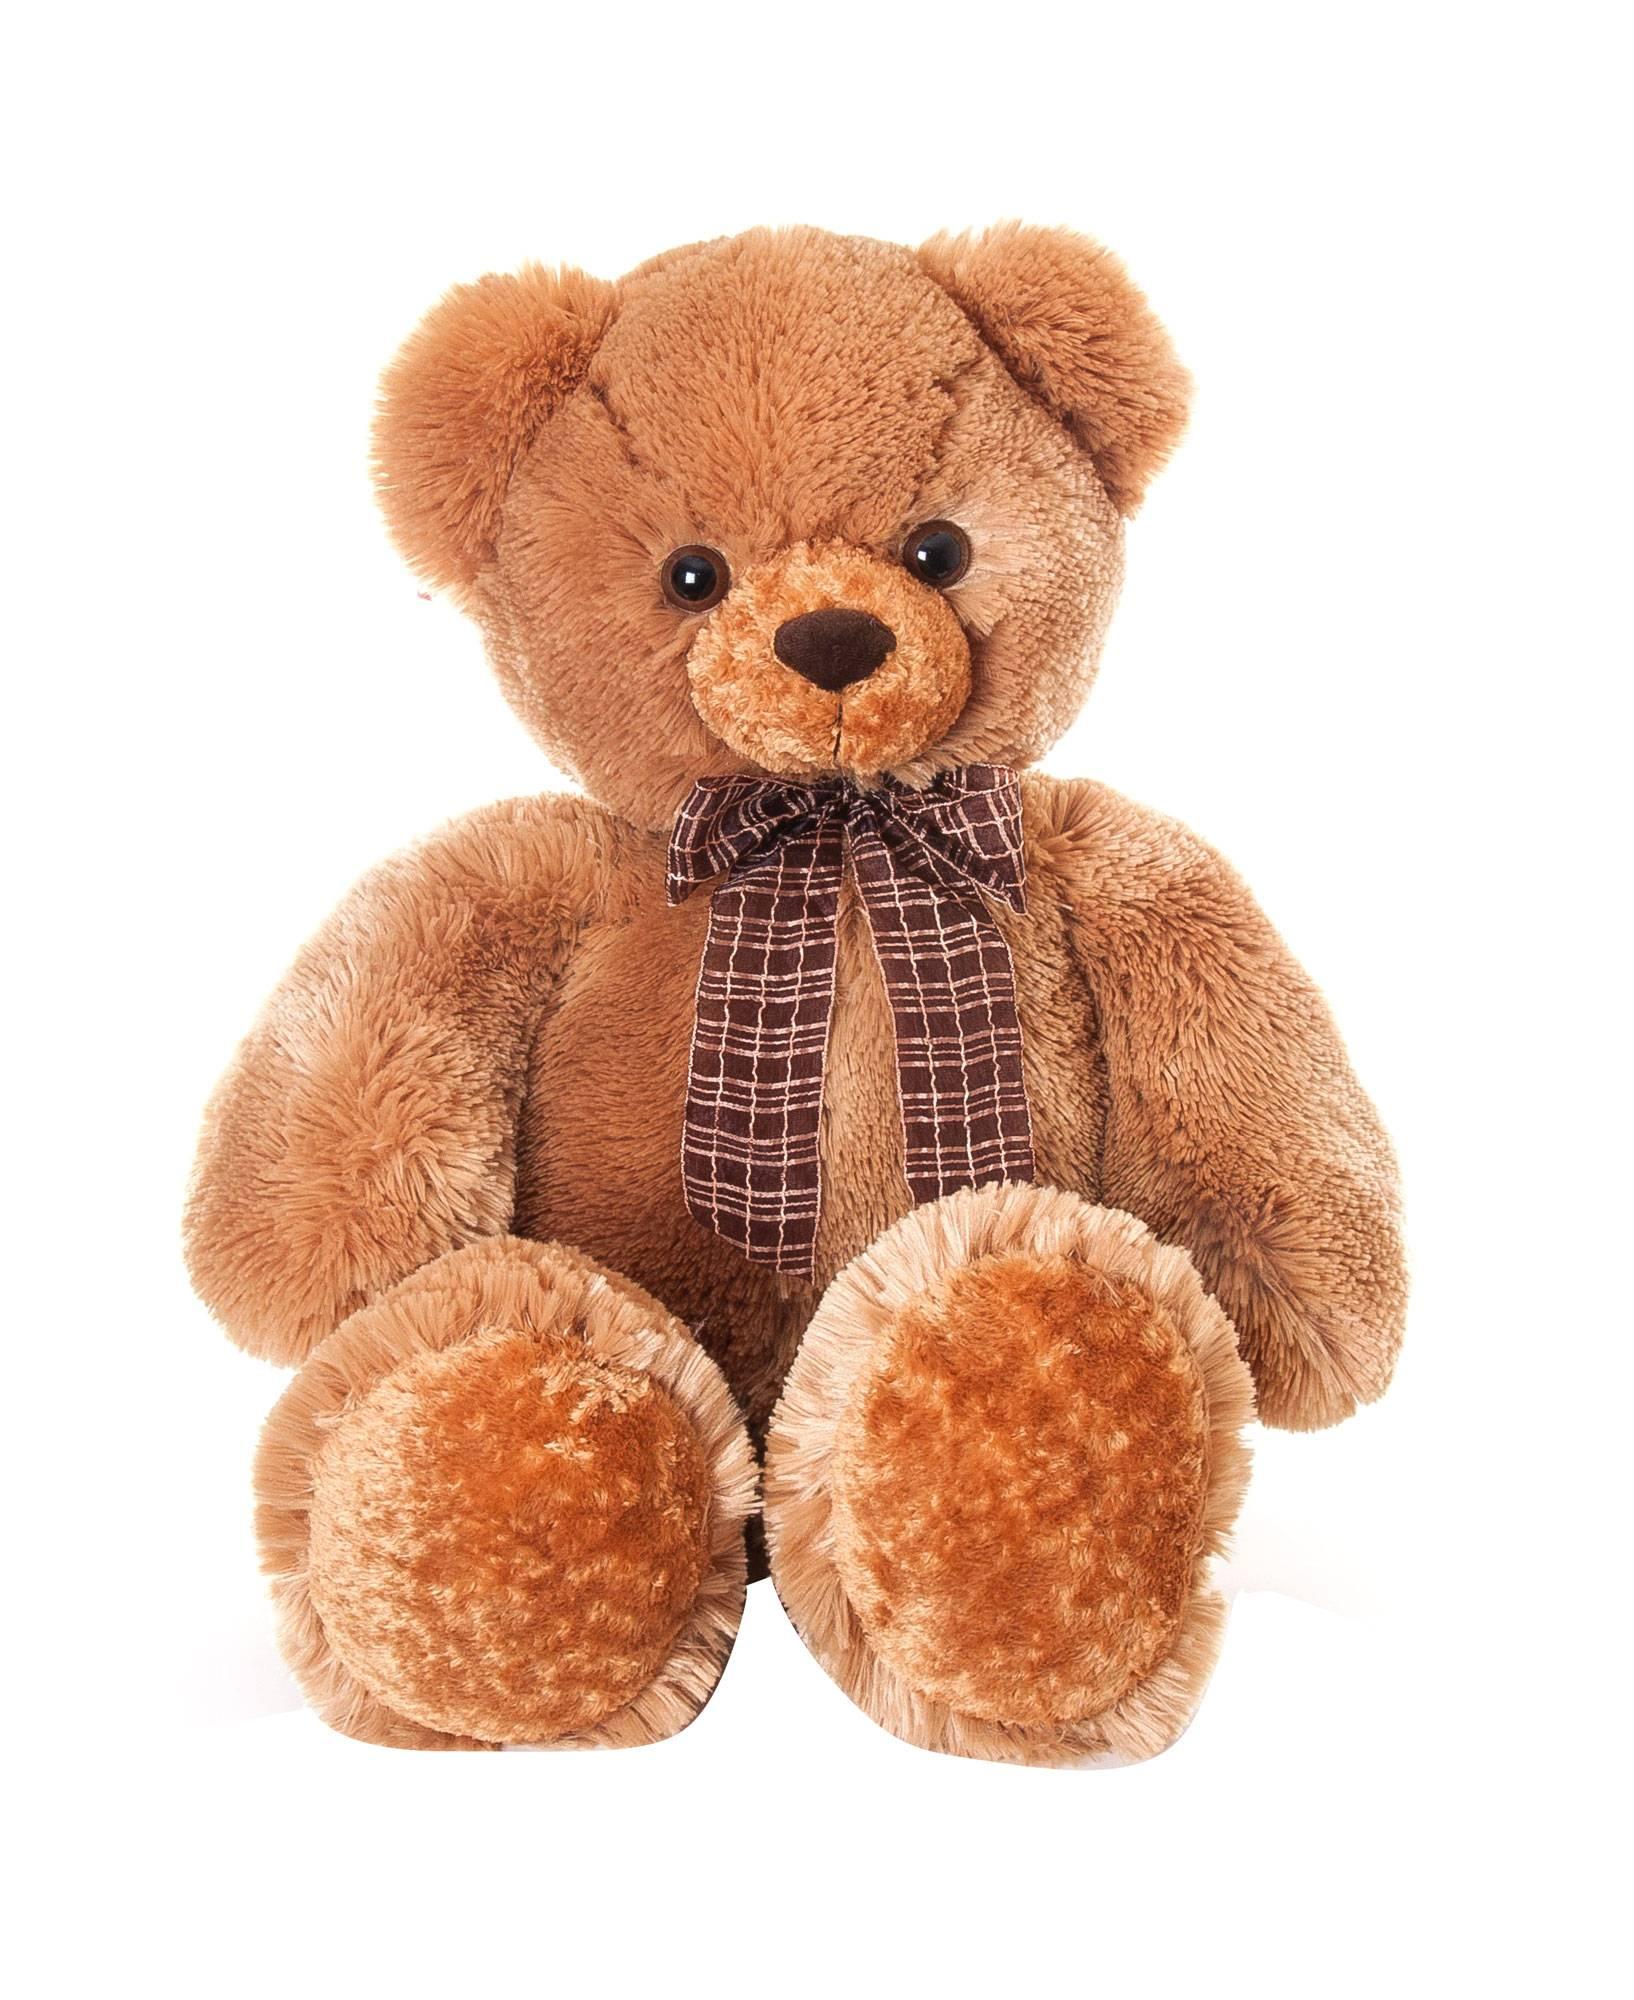 уделим картинки про мягких медведей его